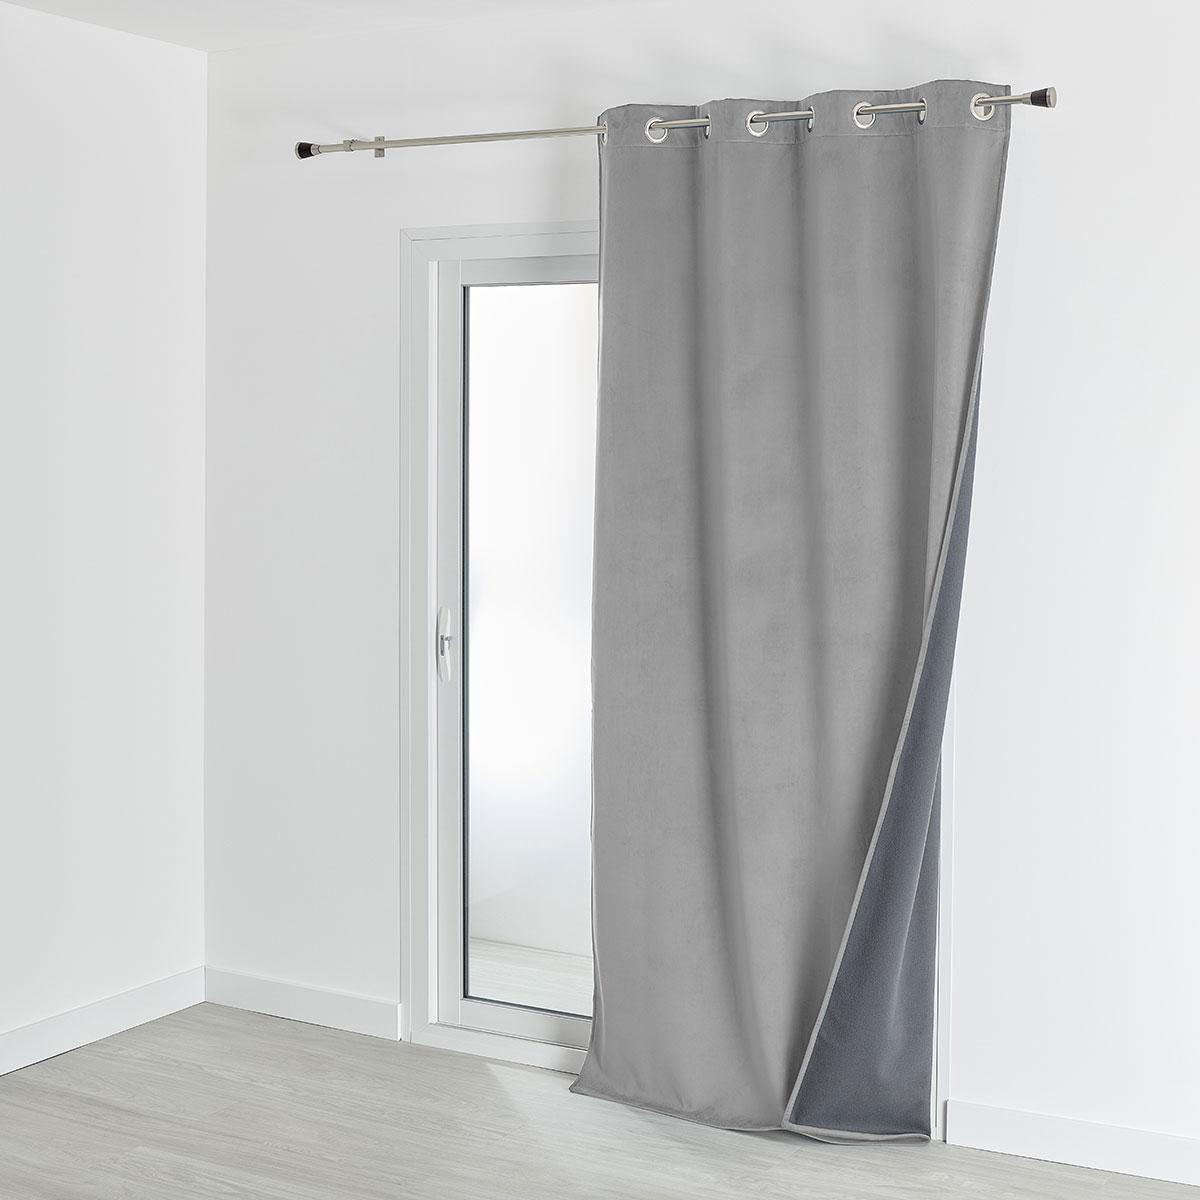 Rideau isolant et occultant en velours doublé polaire - Gris Perle - 135 x 280 cm